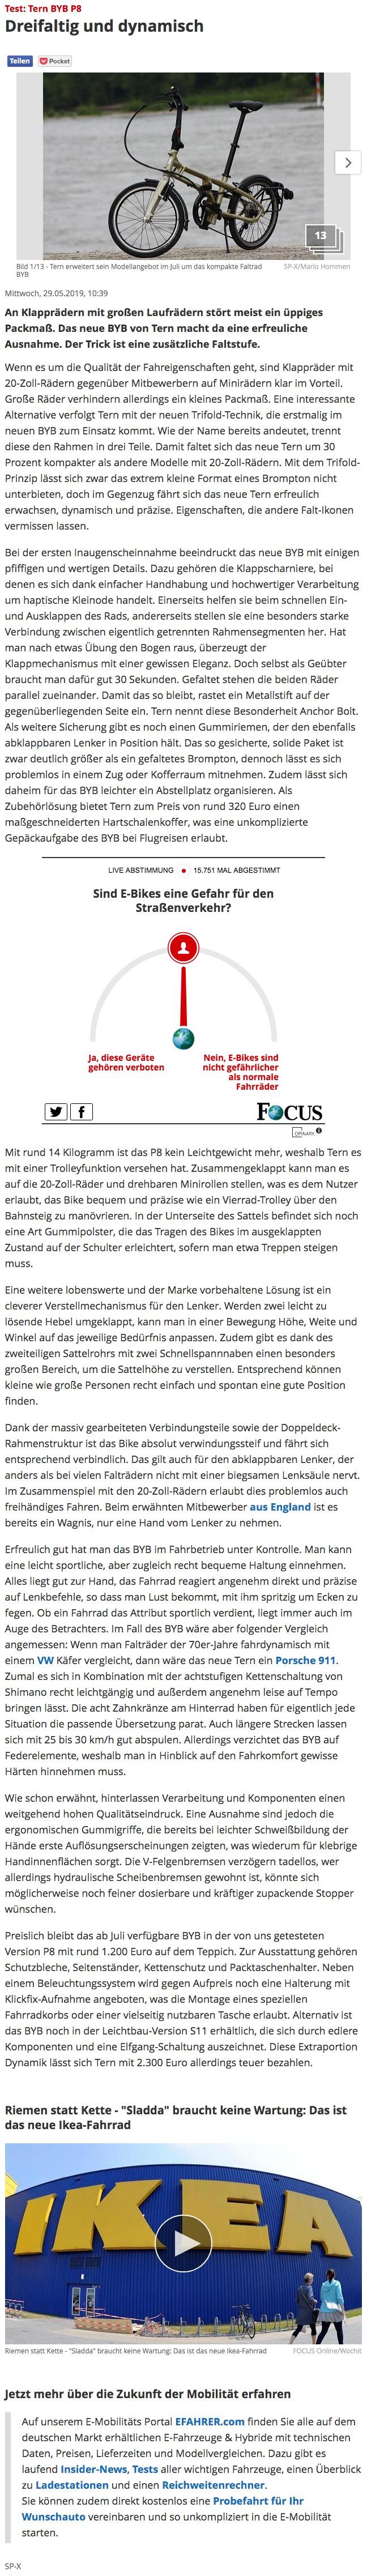 Dreifaltig Und Dynamisch Tern Folding Bikes Malaysia